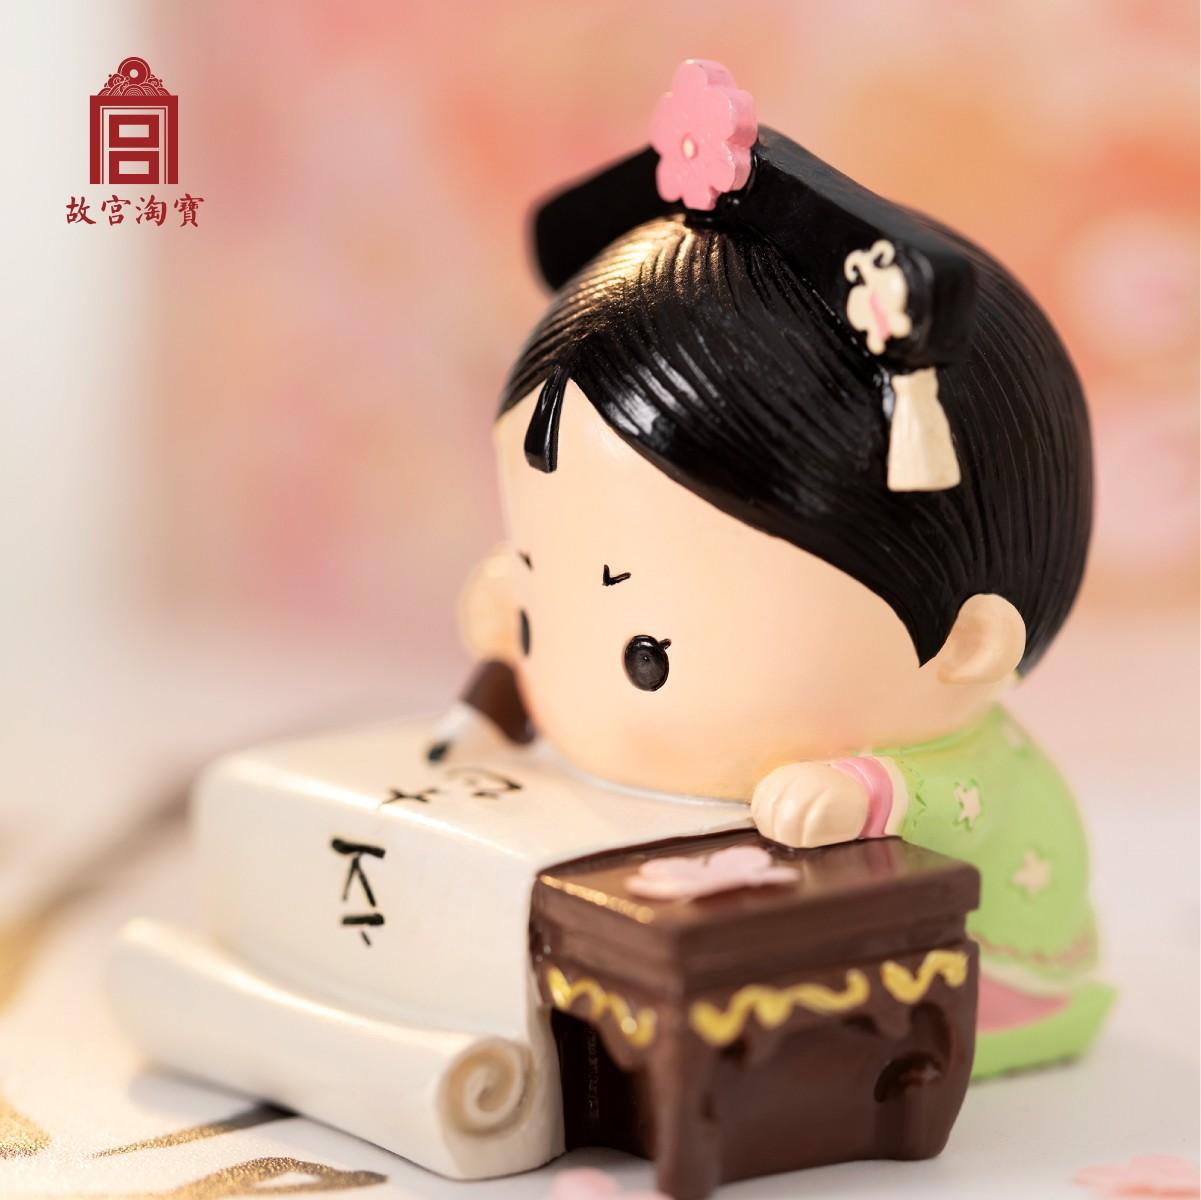 故宫淘宝文创格格的日常,送女生可爱生日小礼物